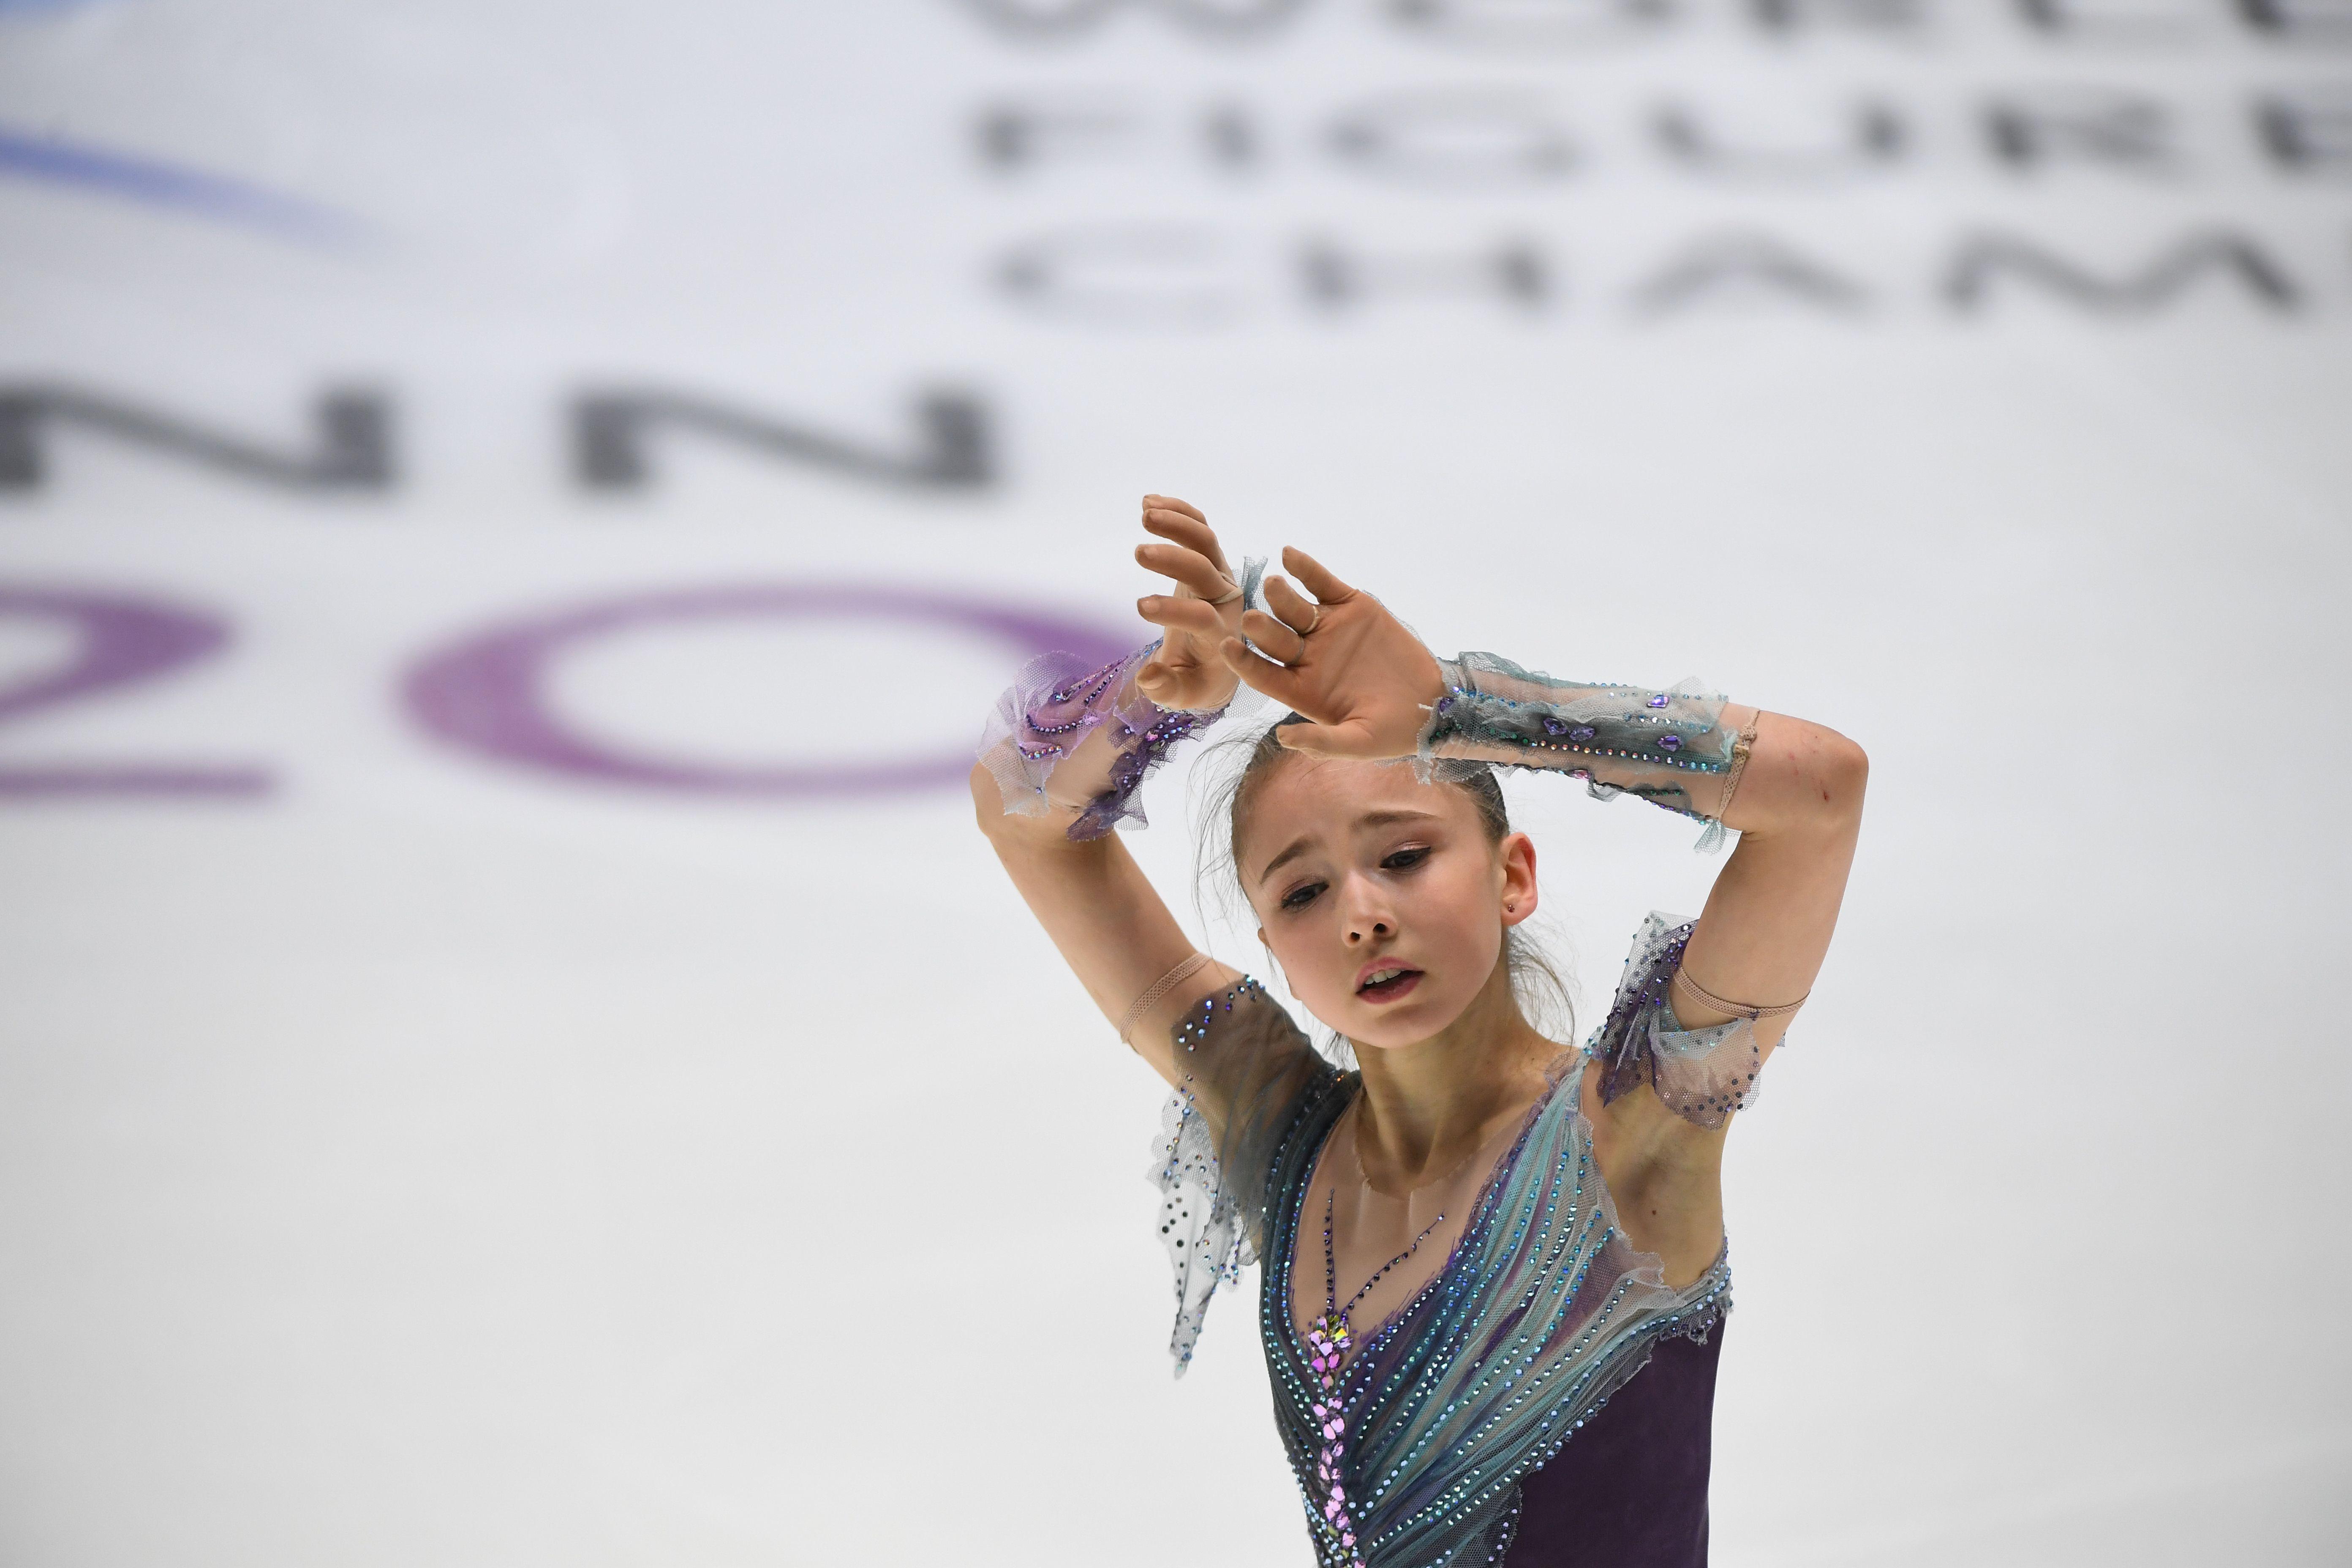 Иностранцы - о Валиевой на шоу Тутберидзе: Она больше не испуганная девочка. Ей нужно что-то дерзкое